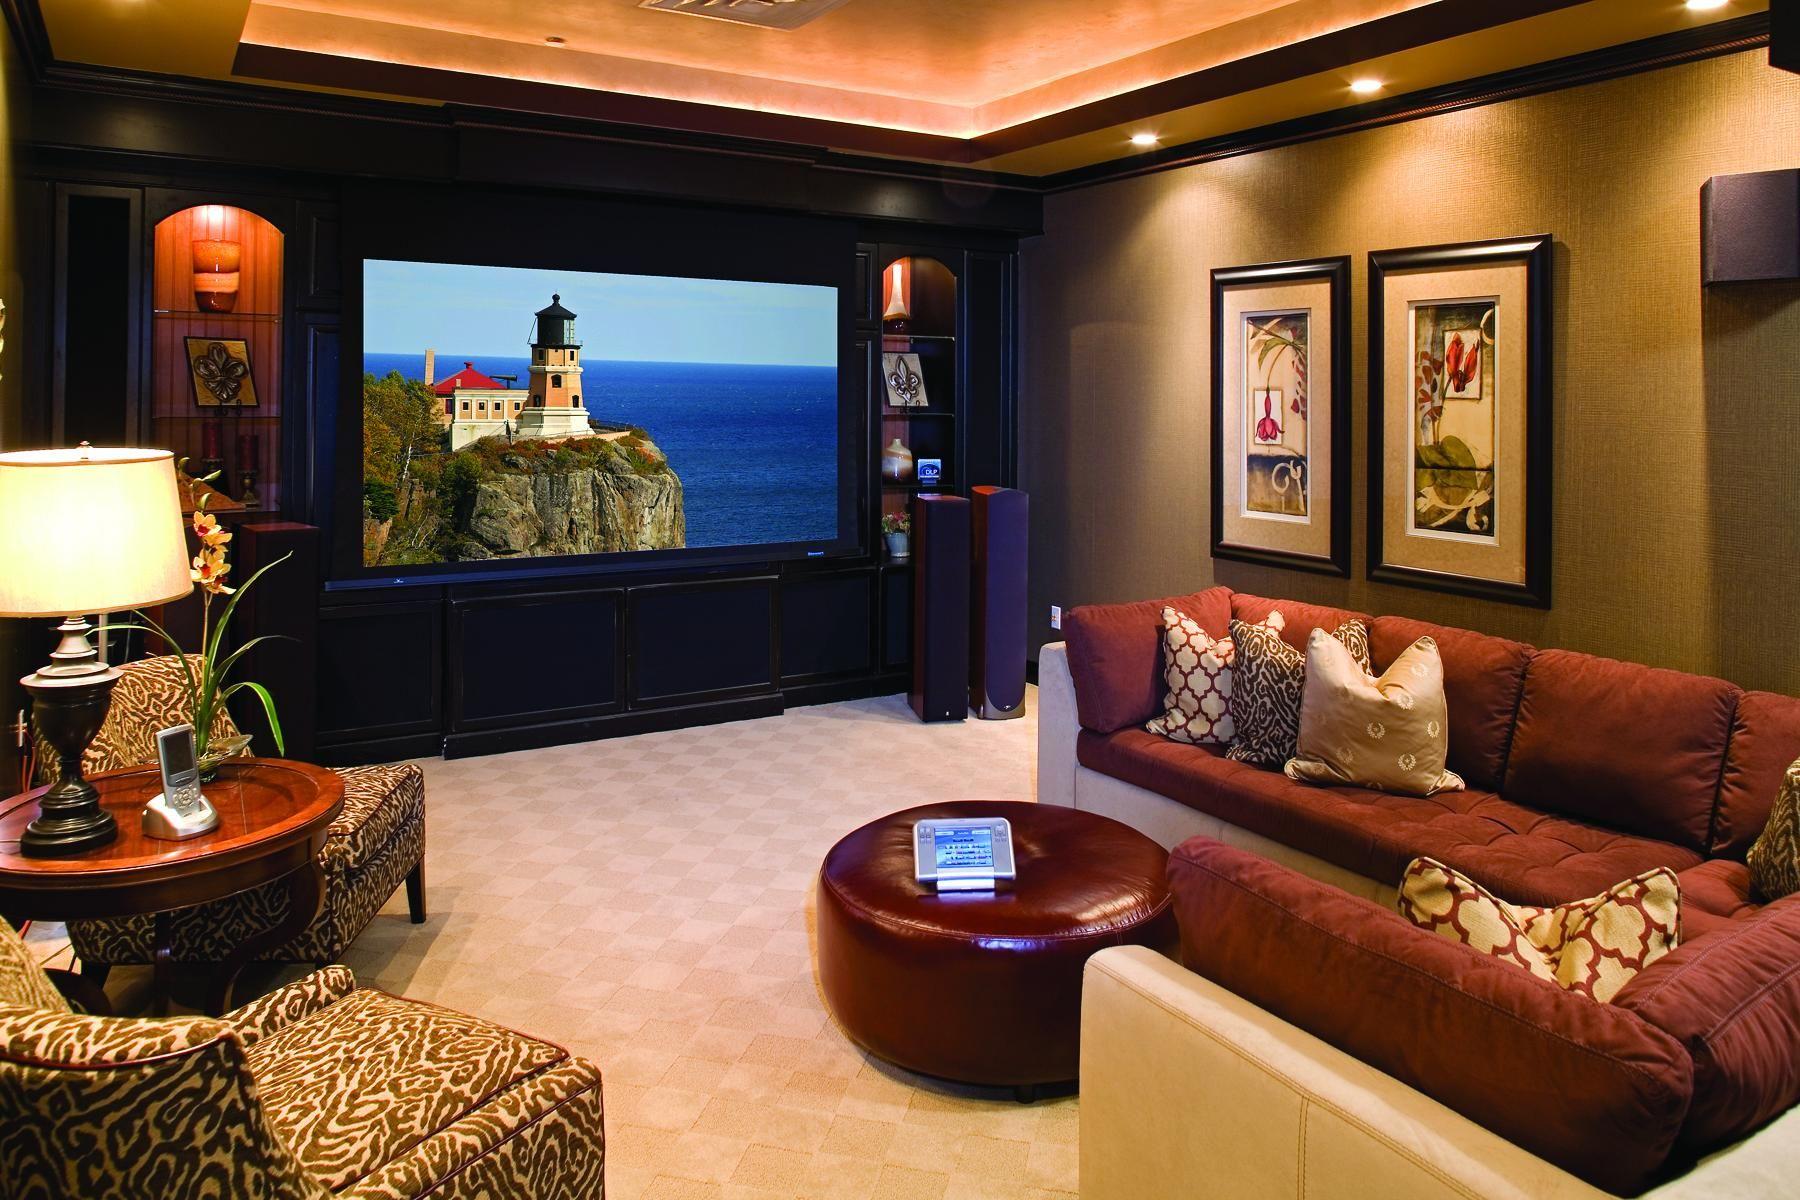 Home Theater Design Ideas Budget #4 - Basement TV Room Ideas ...